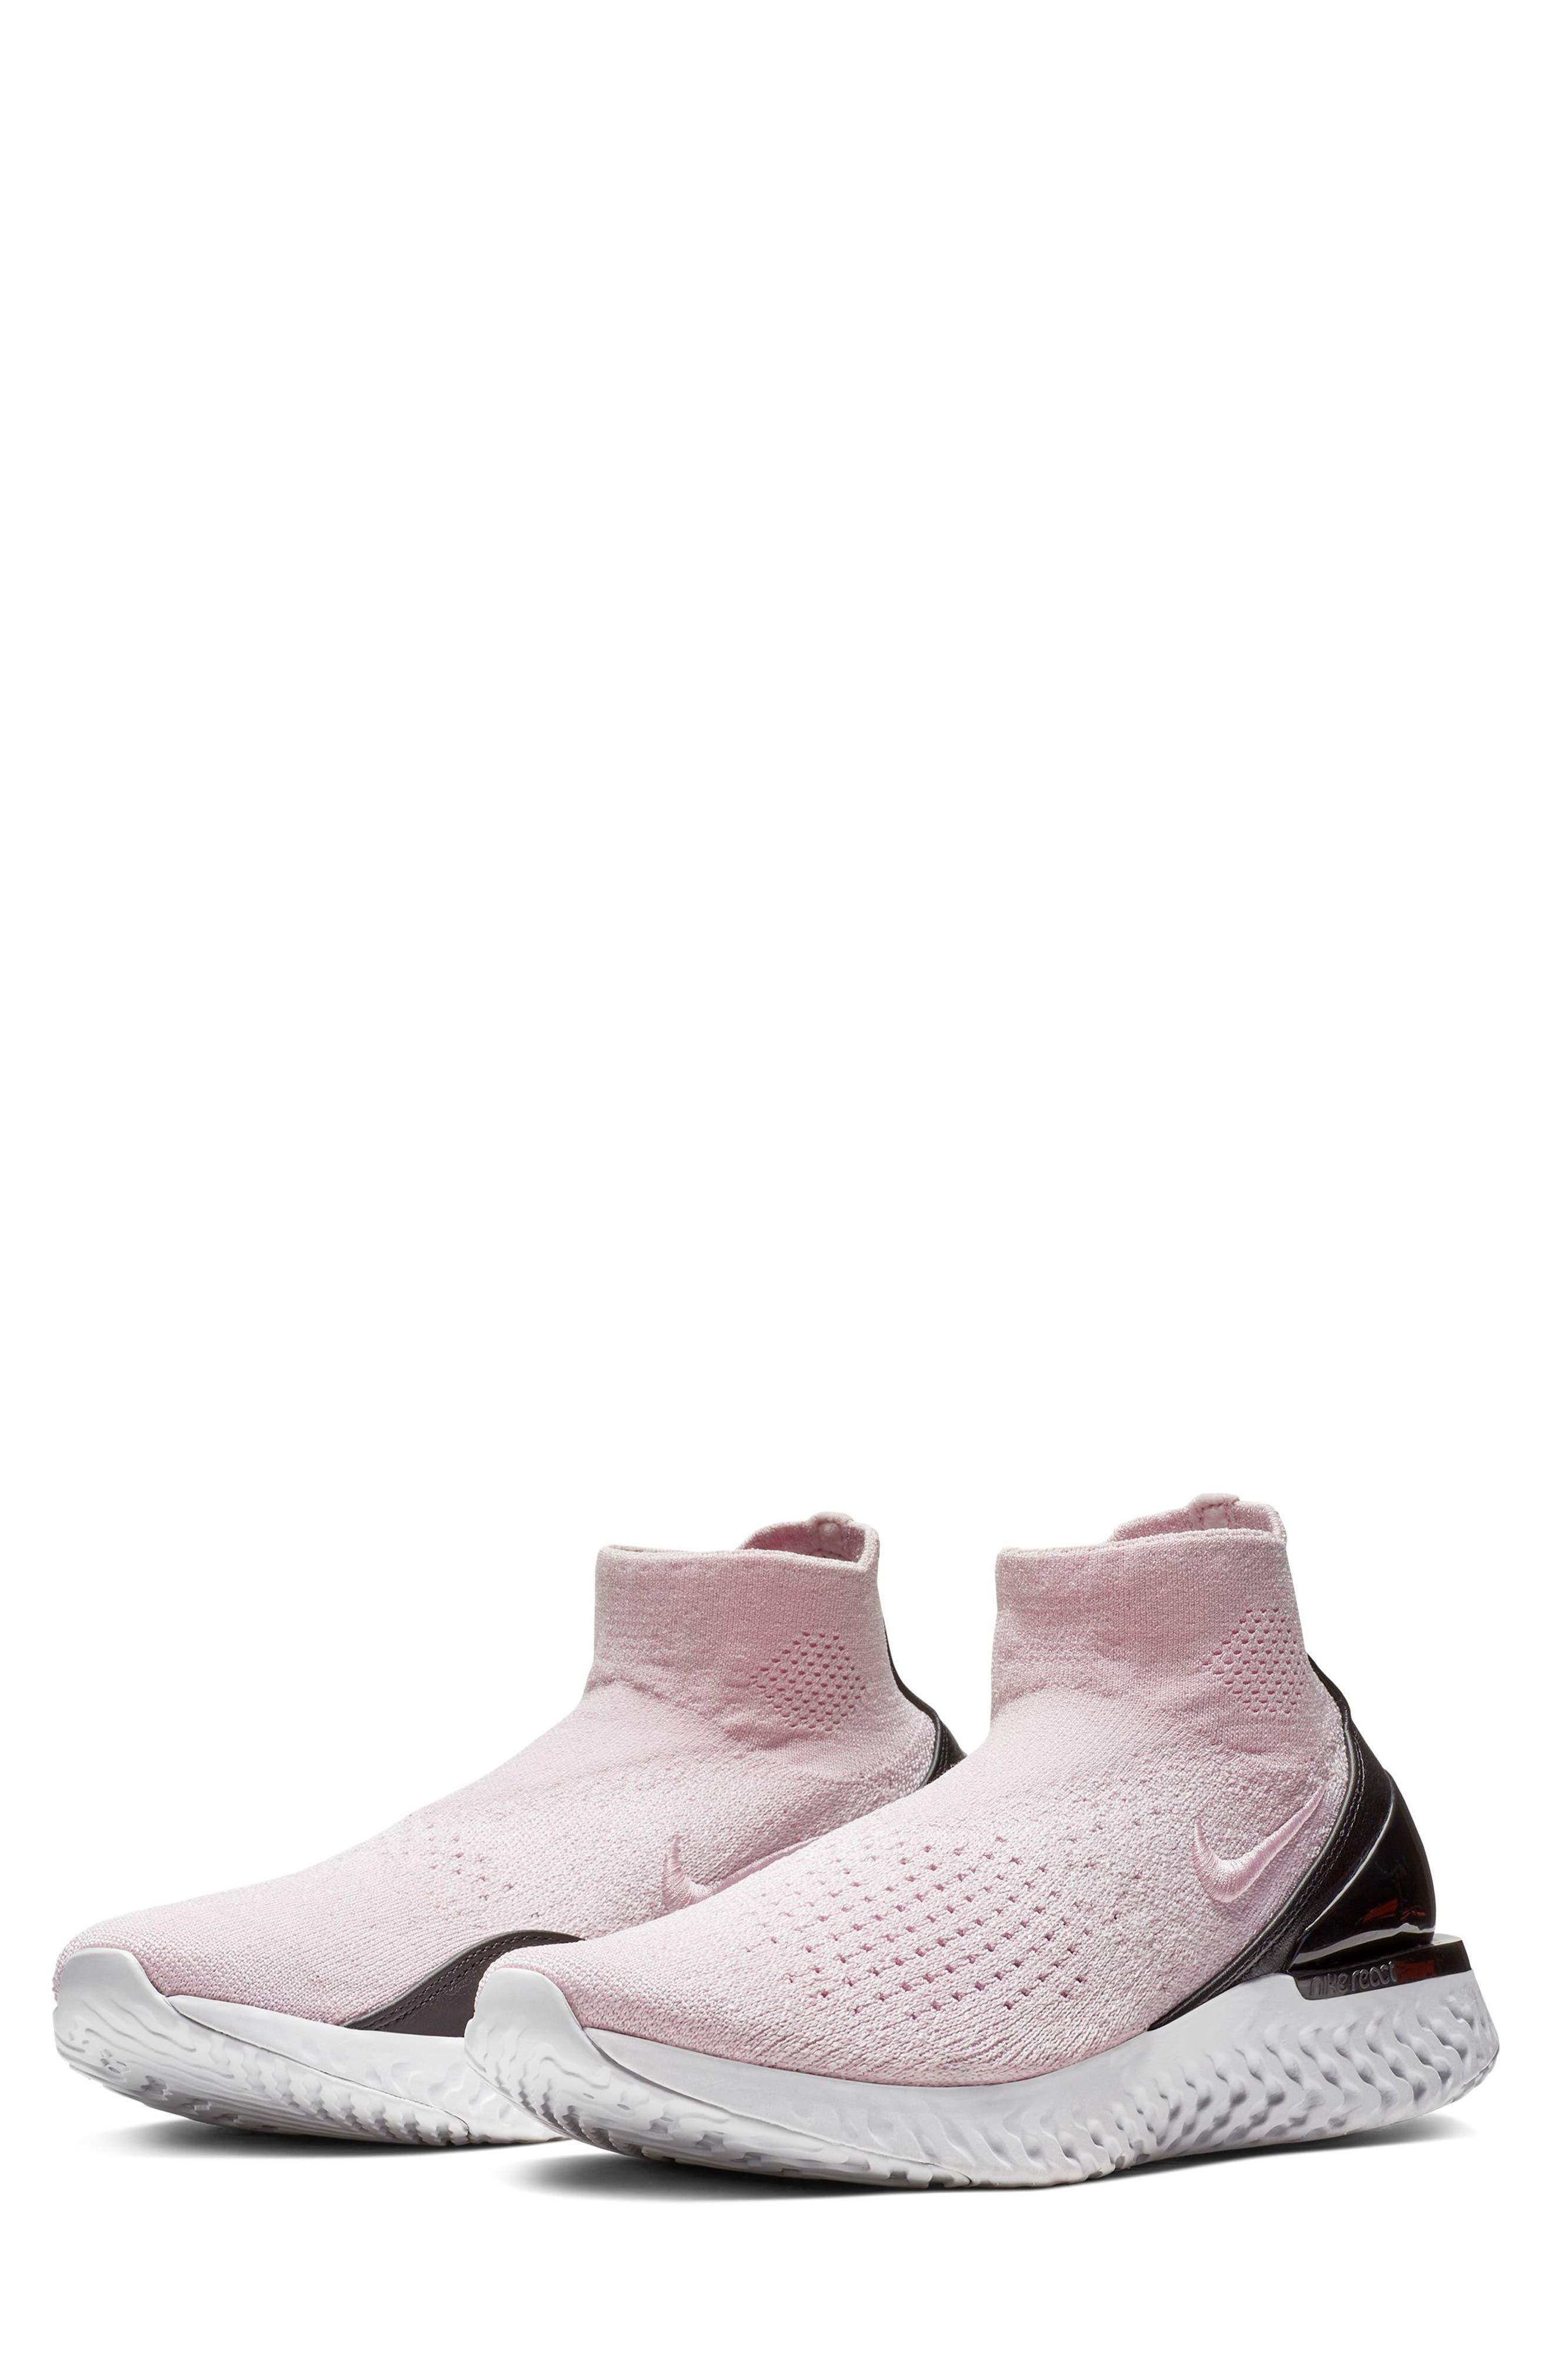 NIKE Rise React FlyKnit Sneaker, Main, color, PINK FOAM/ PINK FOAM/ BLACK